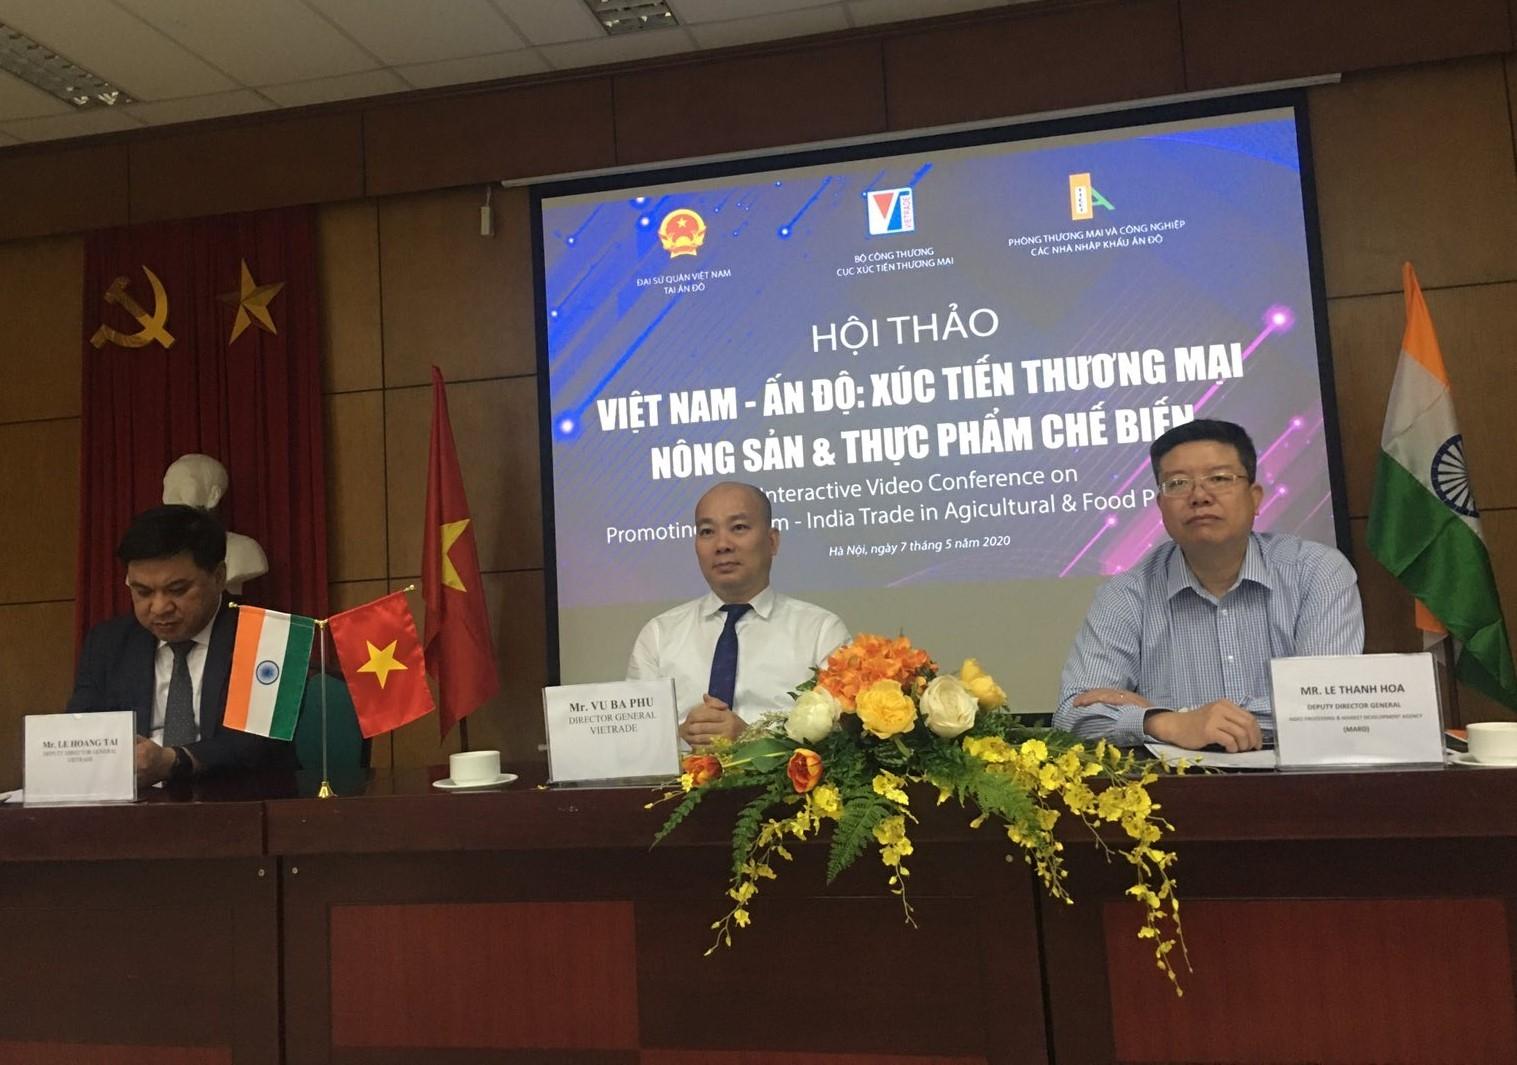 Xúc tiến thương mại nông sản, thực phẩm Việt Nam - Ấn Độ: Không vì Covid-19 mà chùn bước giao thương